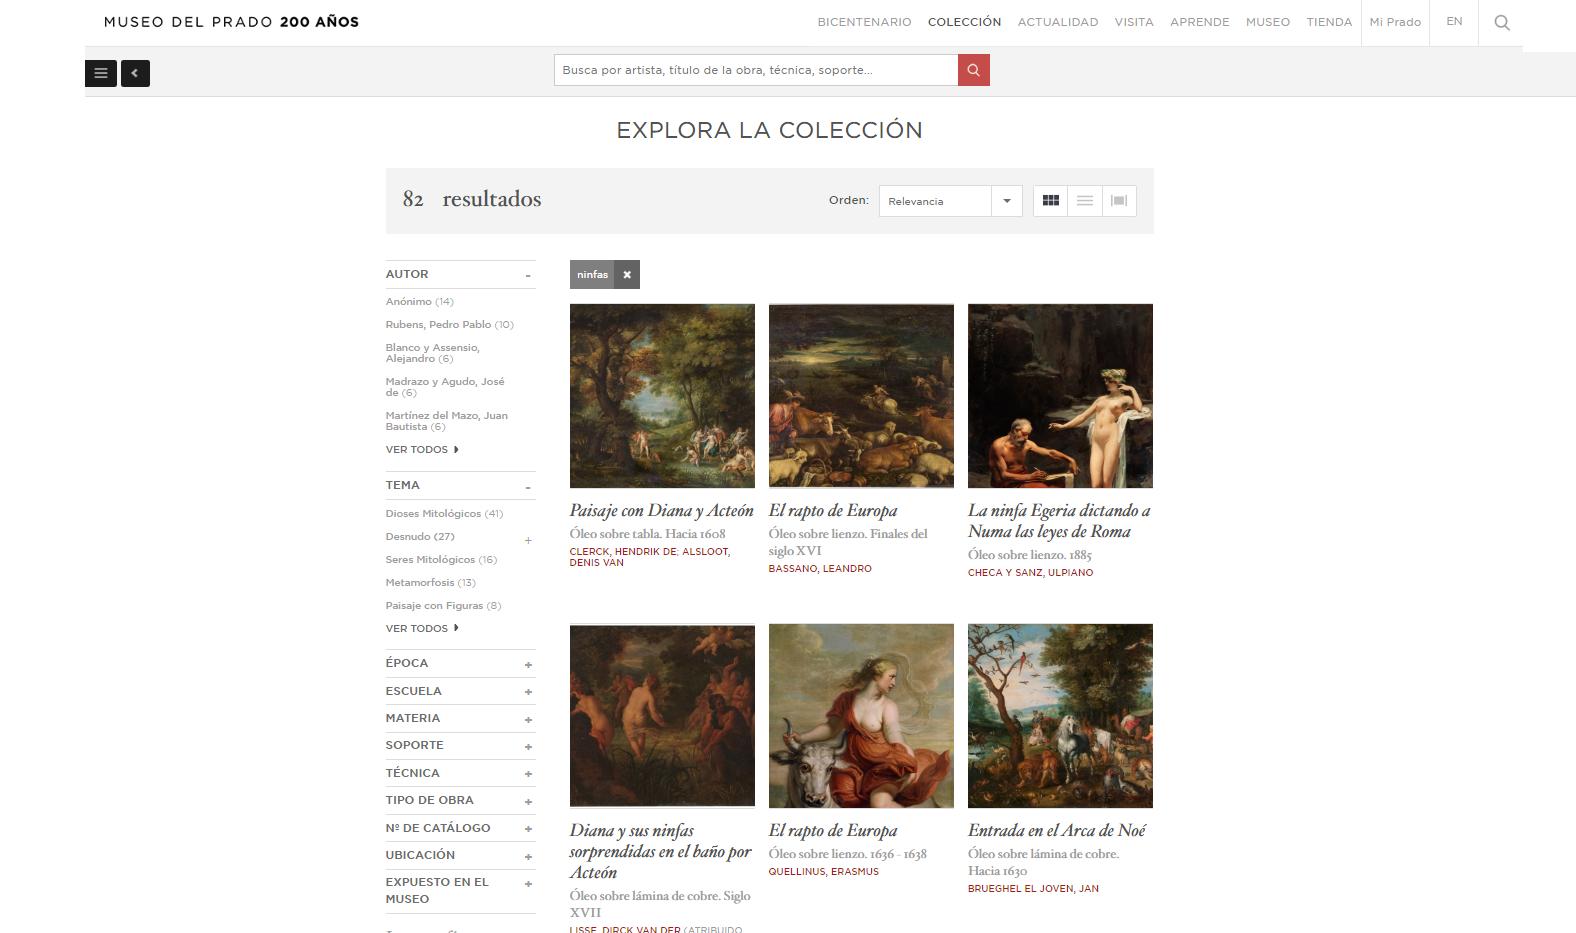 """Artículo: Grafos de conocimiento y bases de datos en grafo: conceptos fundamentales a partir de una """"obra maestra"""" del Museo del Prado. Tomás Saorín"""